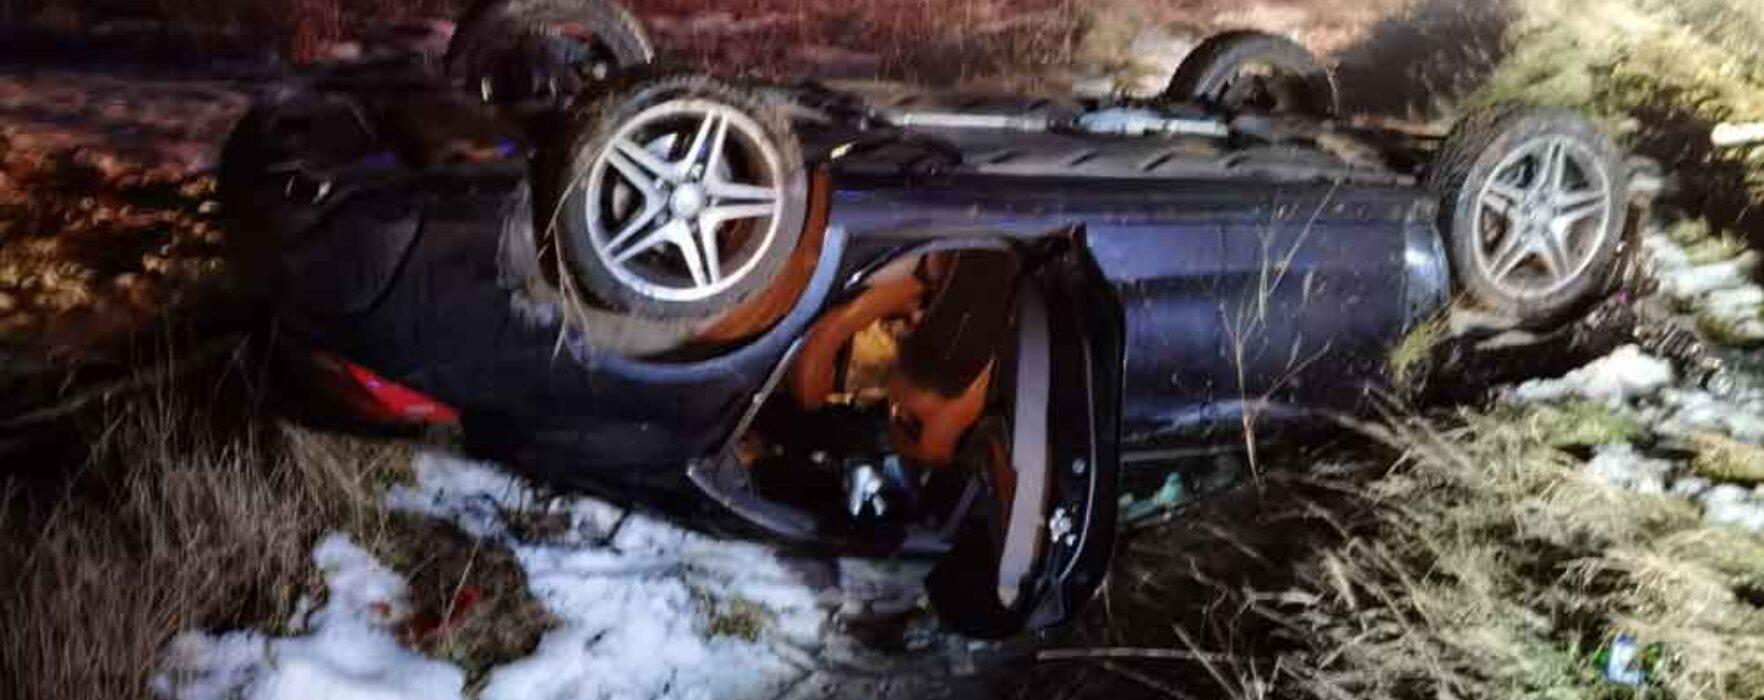 Dâmboviţa: Maşină răsturnată în afara părţii carosabile, după ce a derapat